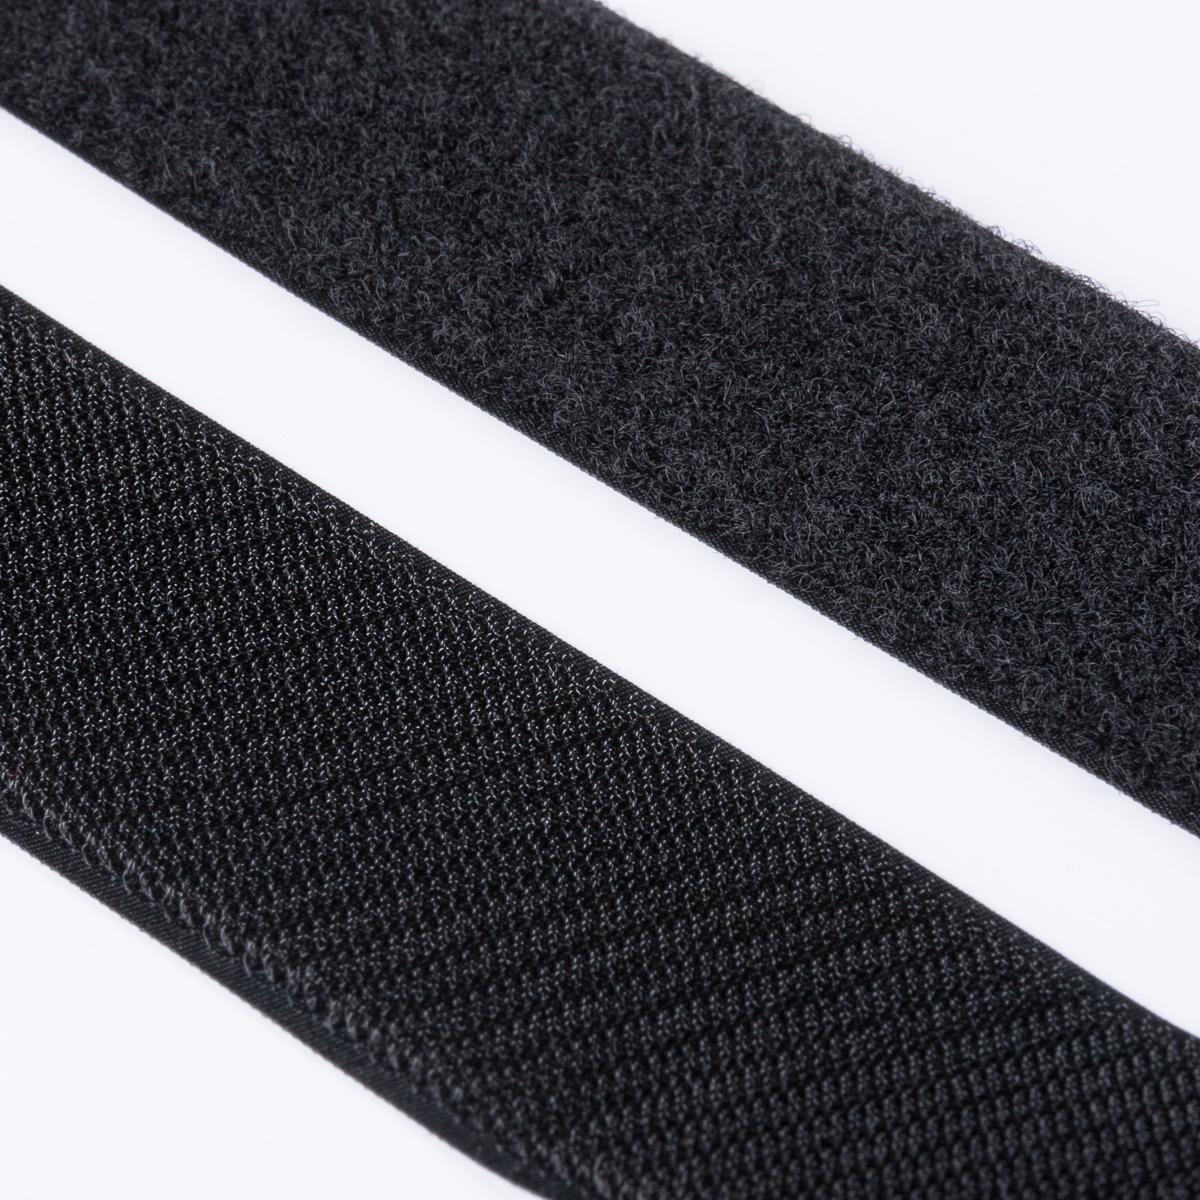 klettband haken flausch hochwertig zum aufn hen 50mm schwarz klett zum aufn hen klettband. Black Bedroom Furniture Sets. Home Design Ideas